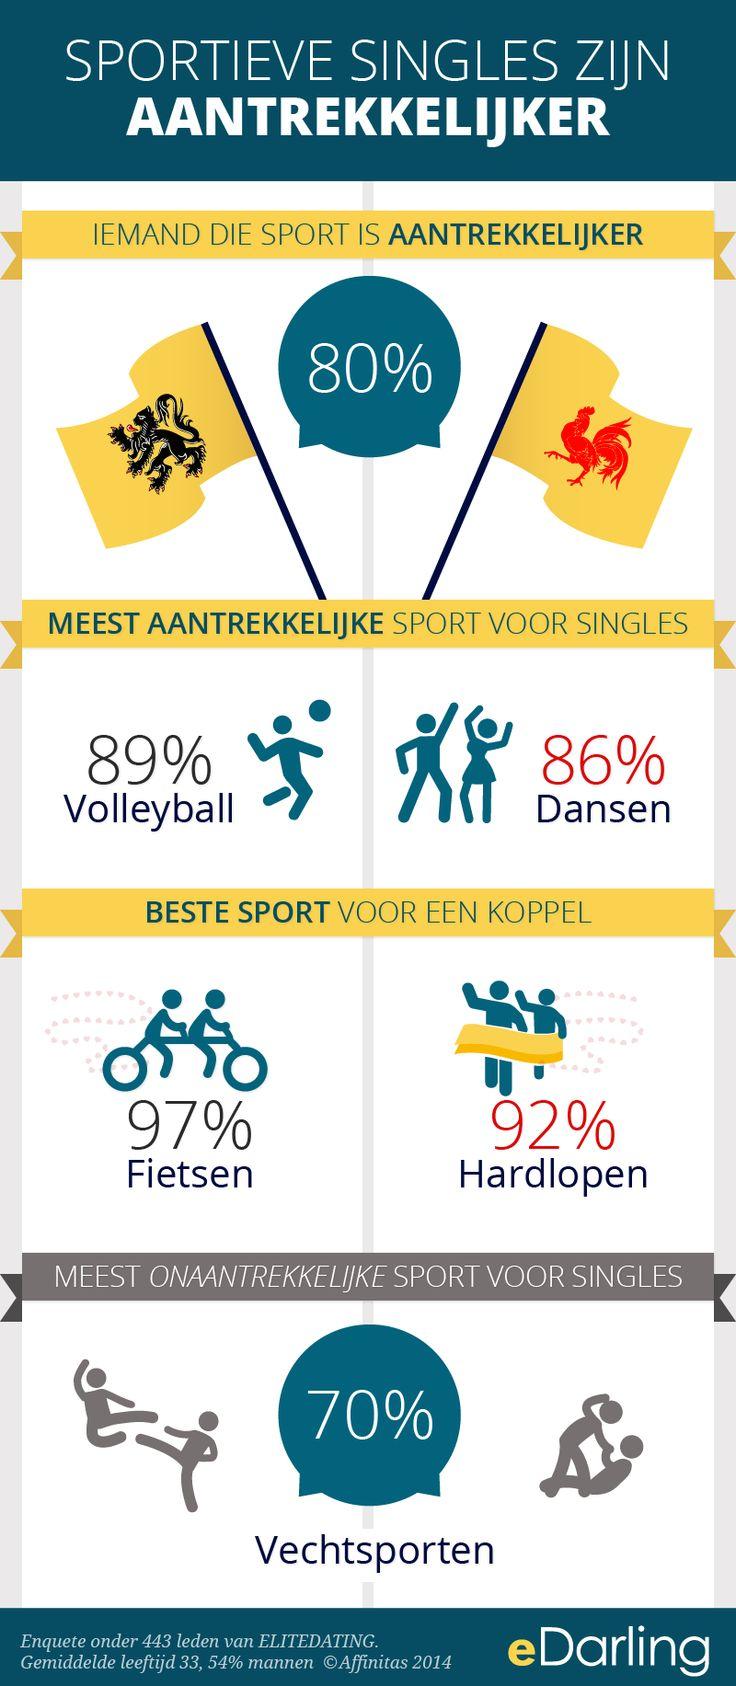 INFO GRAPHIC: Iemand die sport is aantrekkelijker